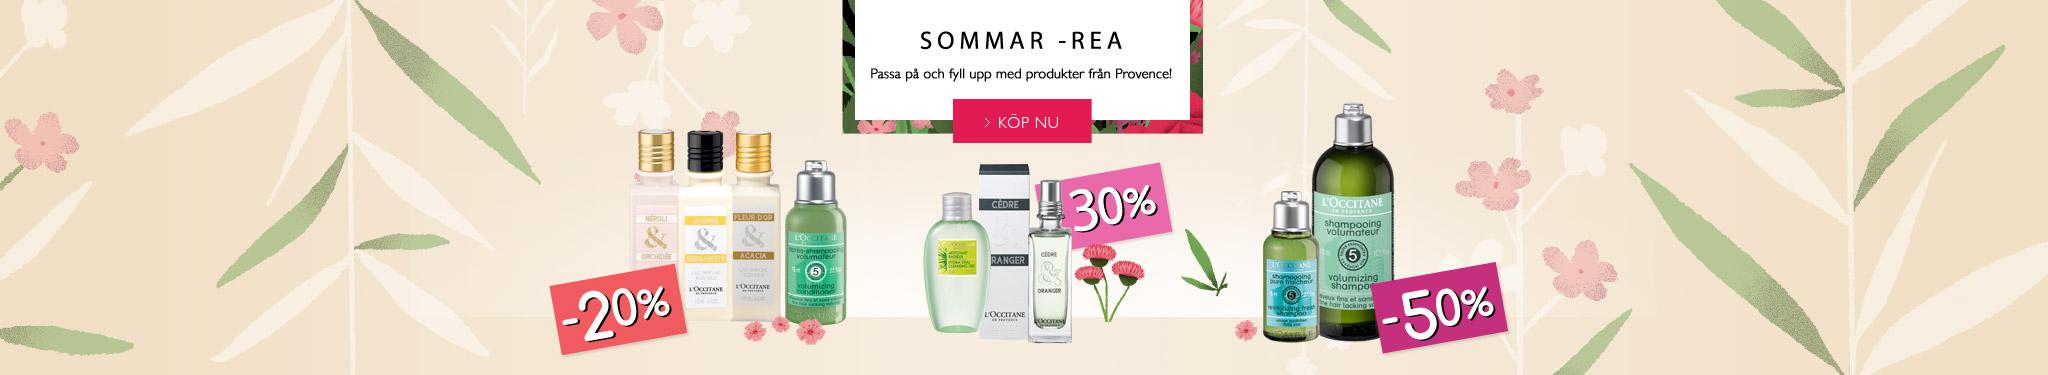 Sommar Rea